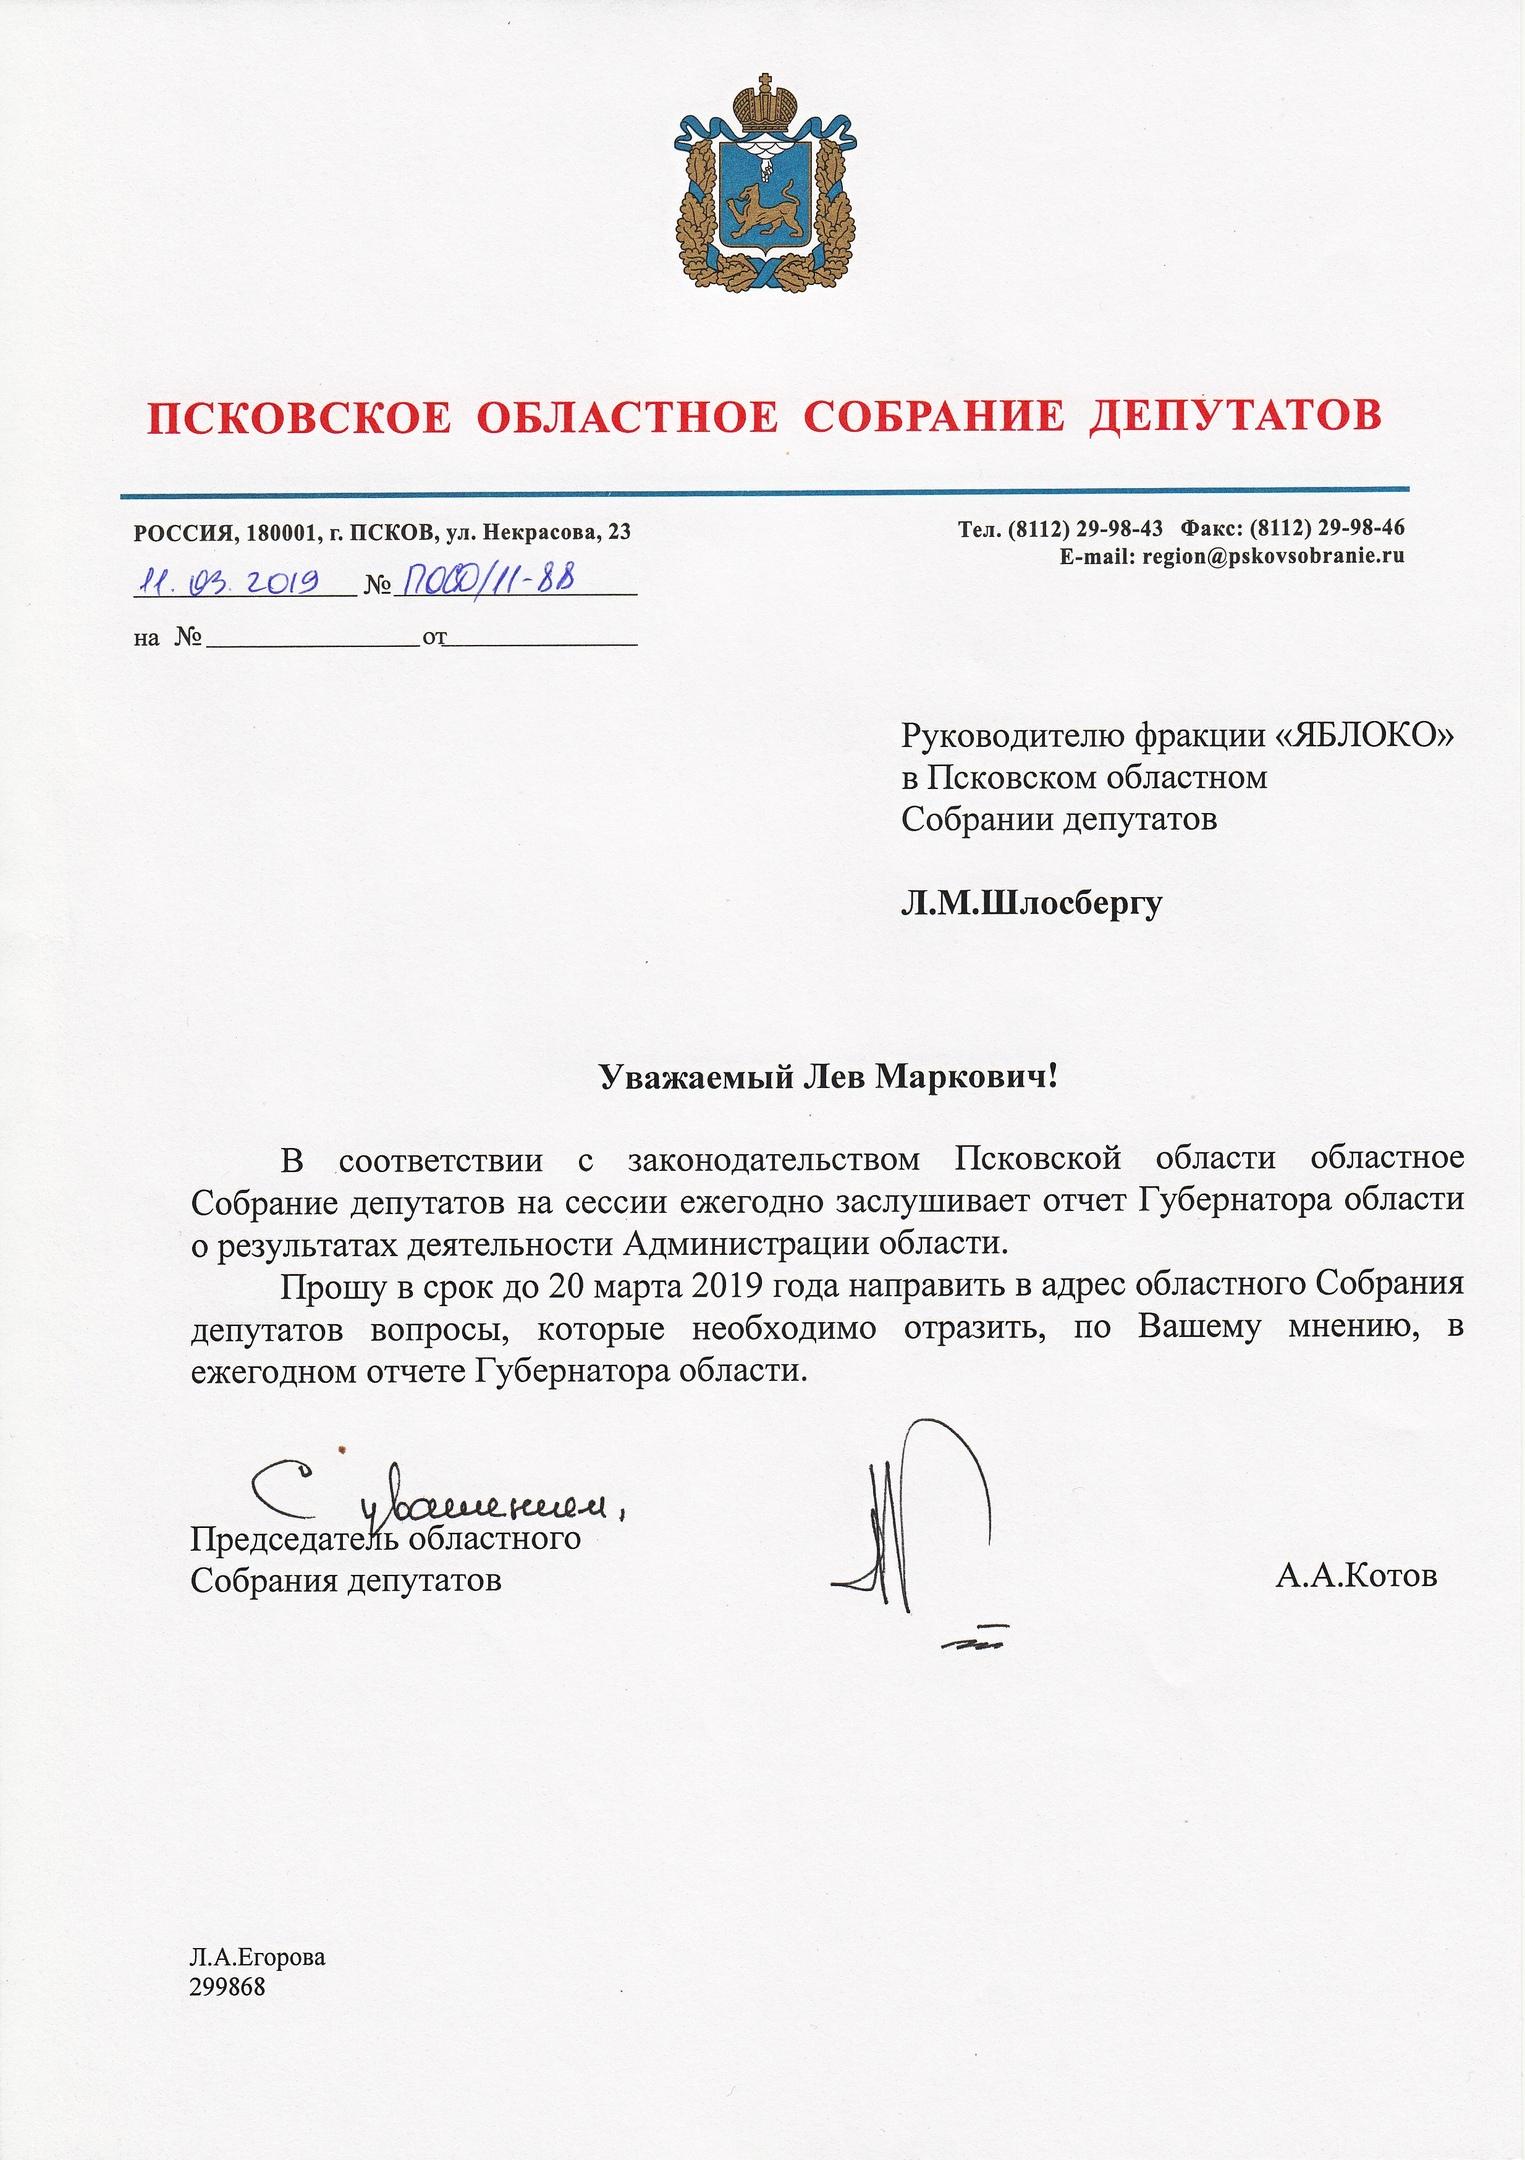 Внутренняя переписка Псковского Областного Собрания